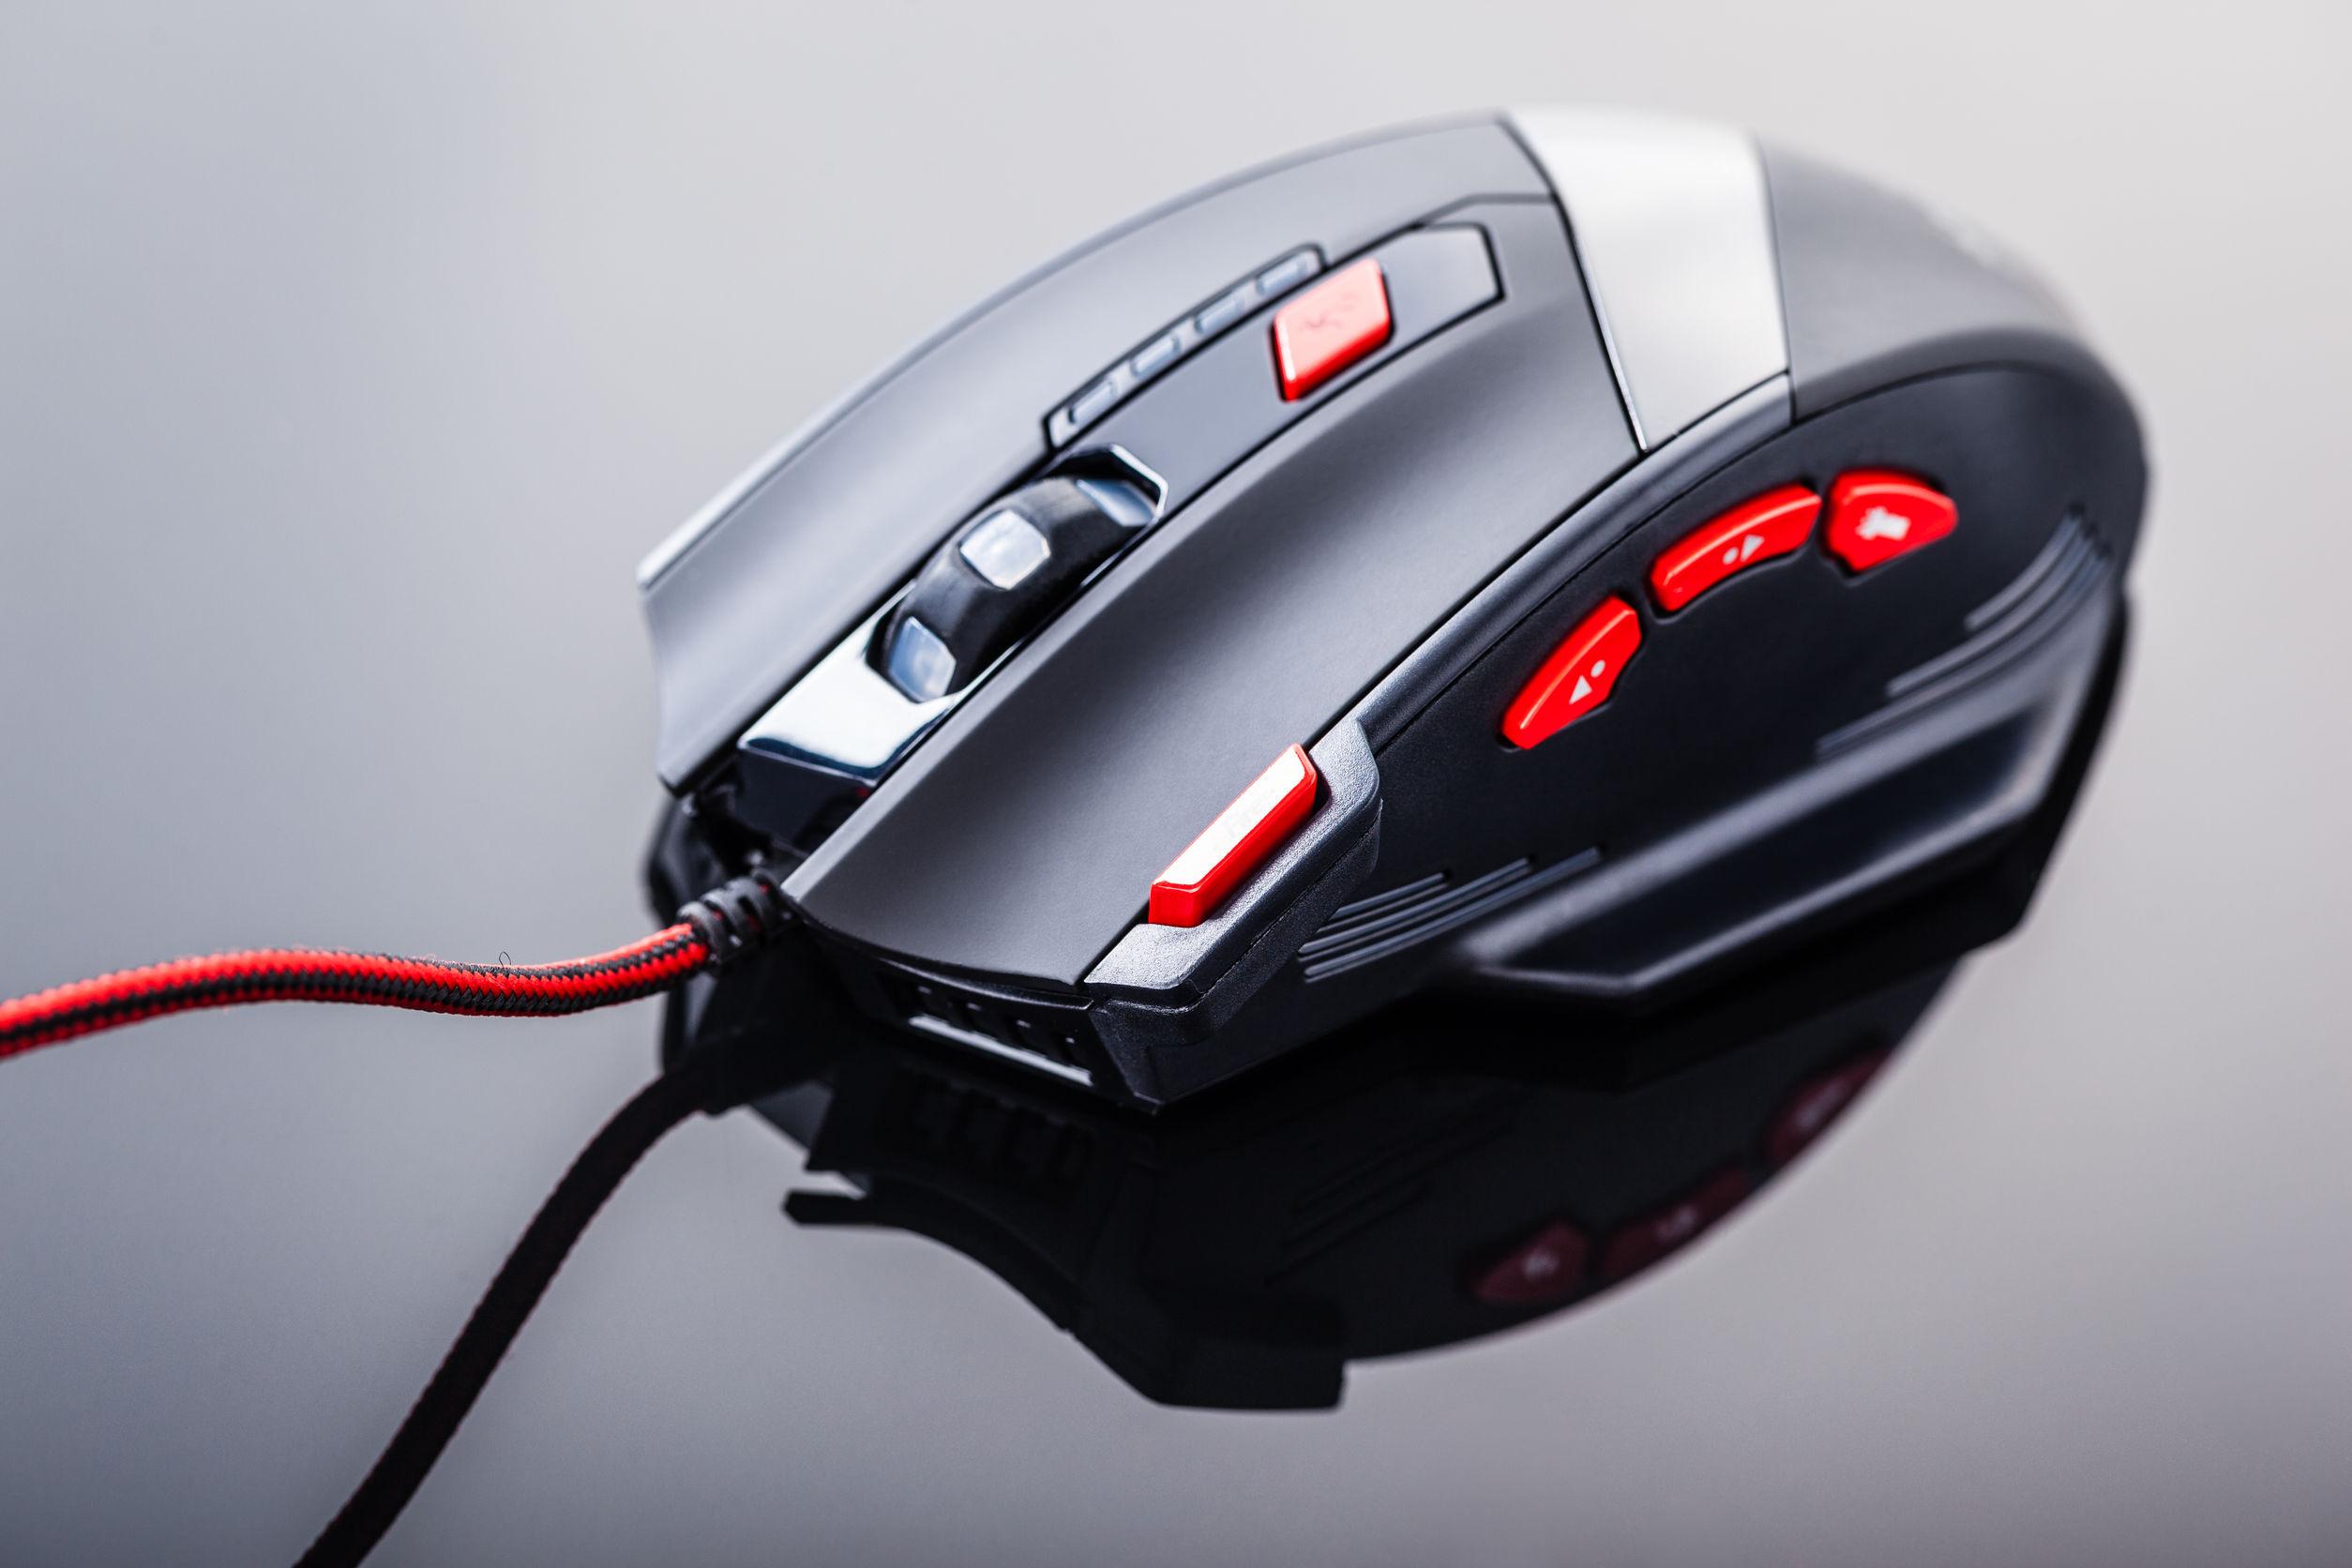 Gaming muis: Wat zijn de beste gaming muizen van 2021?